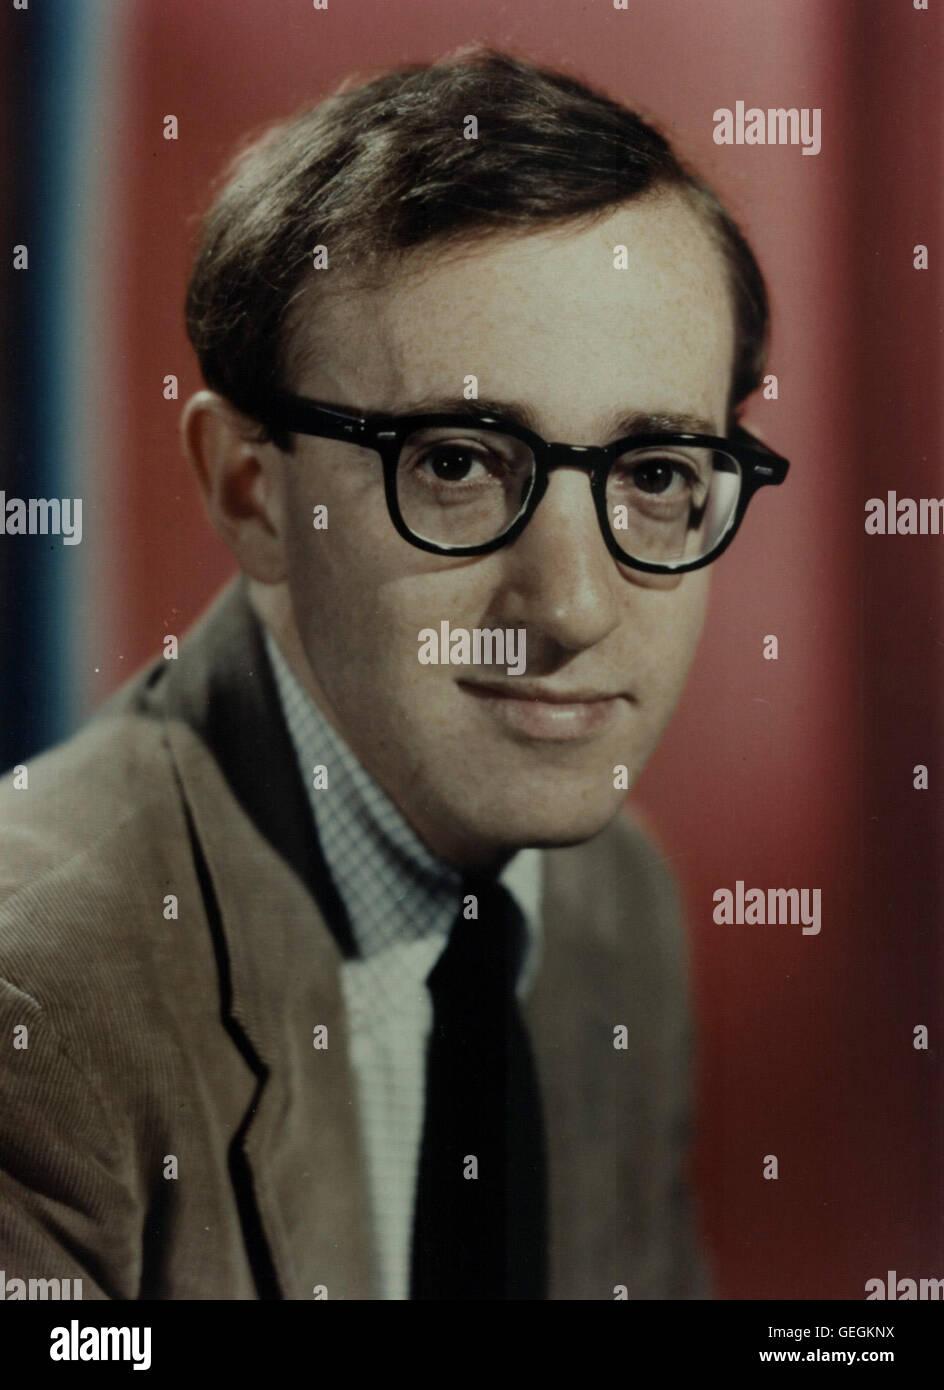 1960s Allen Stock Photos & 1960s Allen Stock Images - Alamy